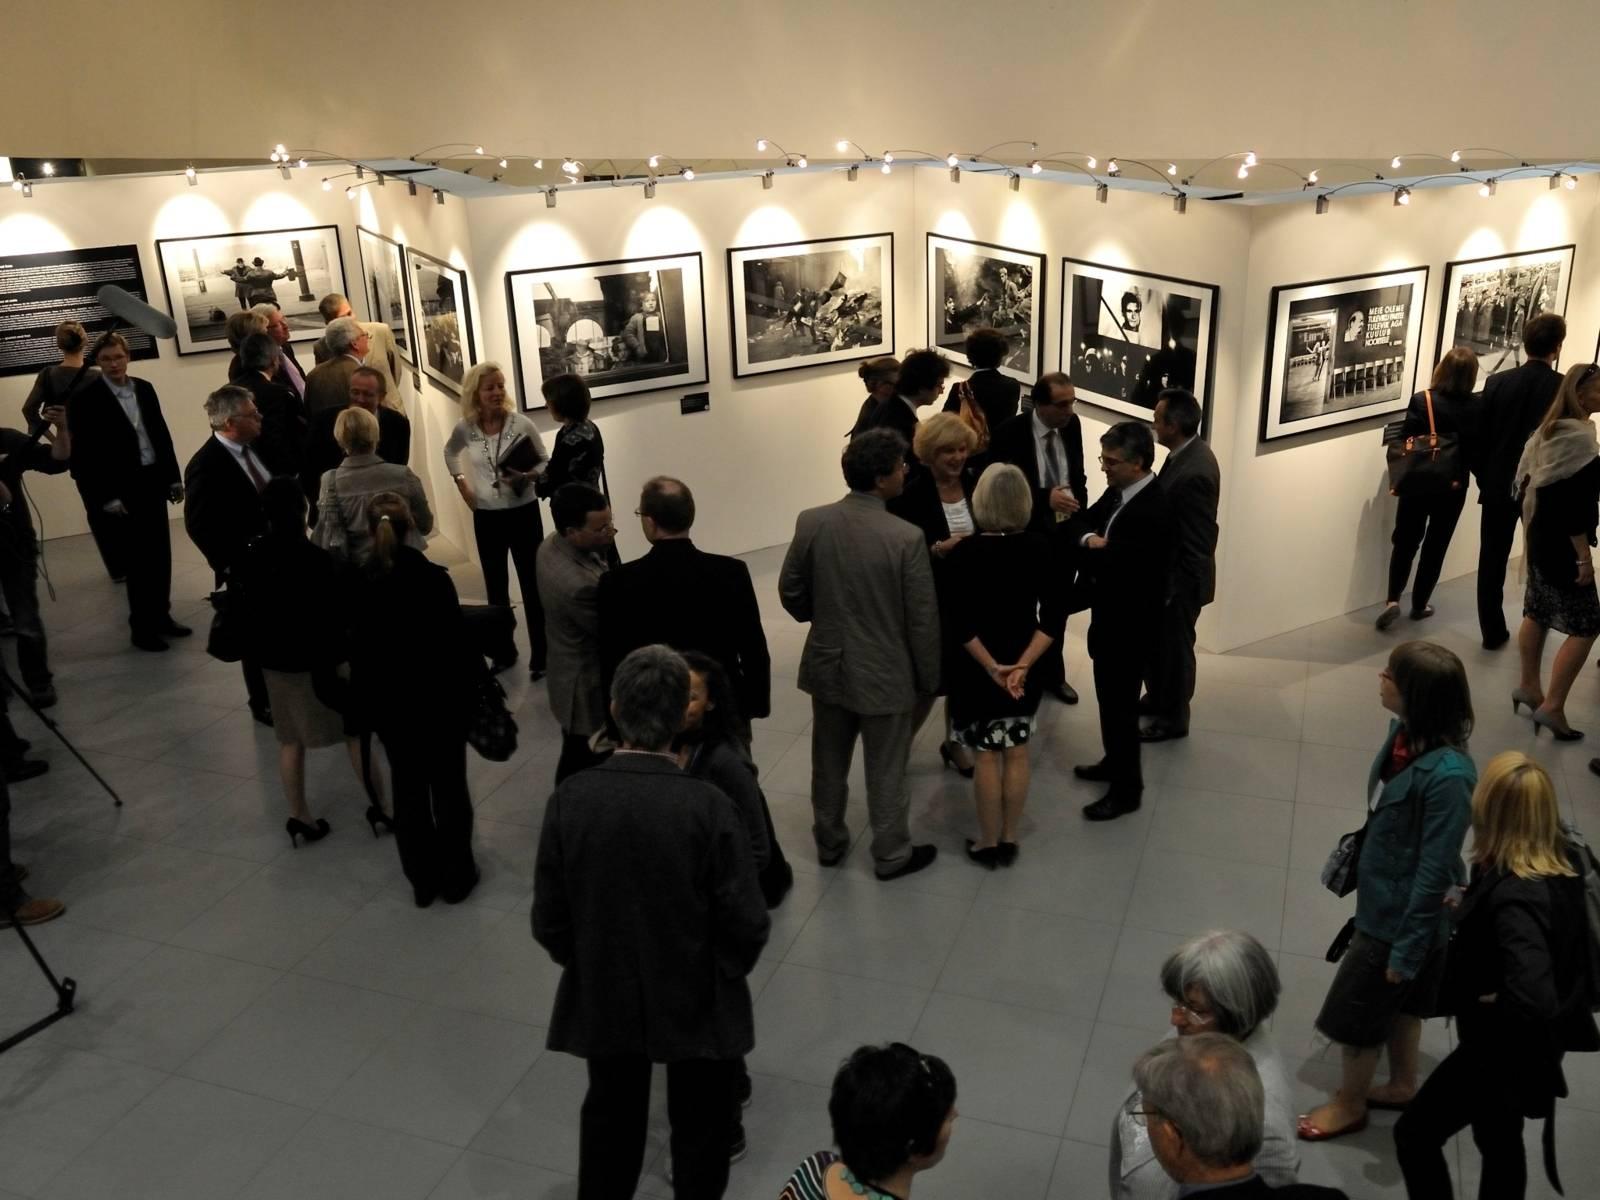 Viele Besucher bei einer Bilderausstellung